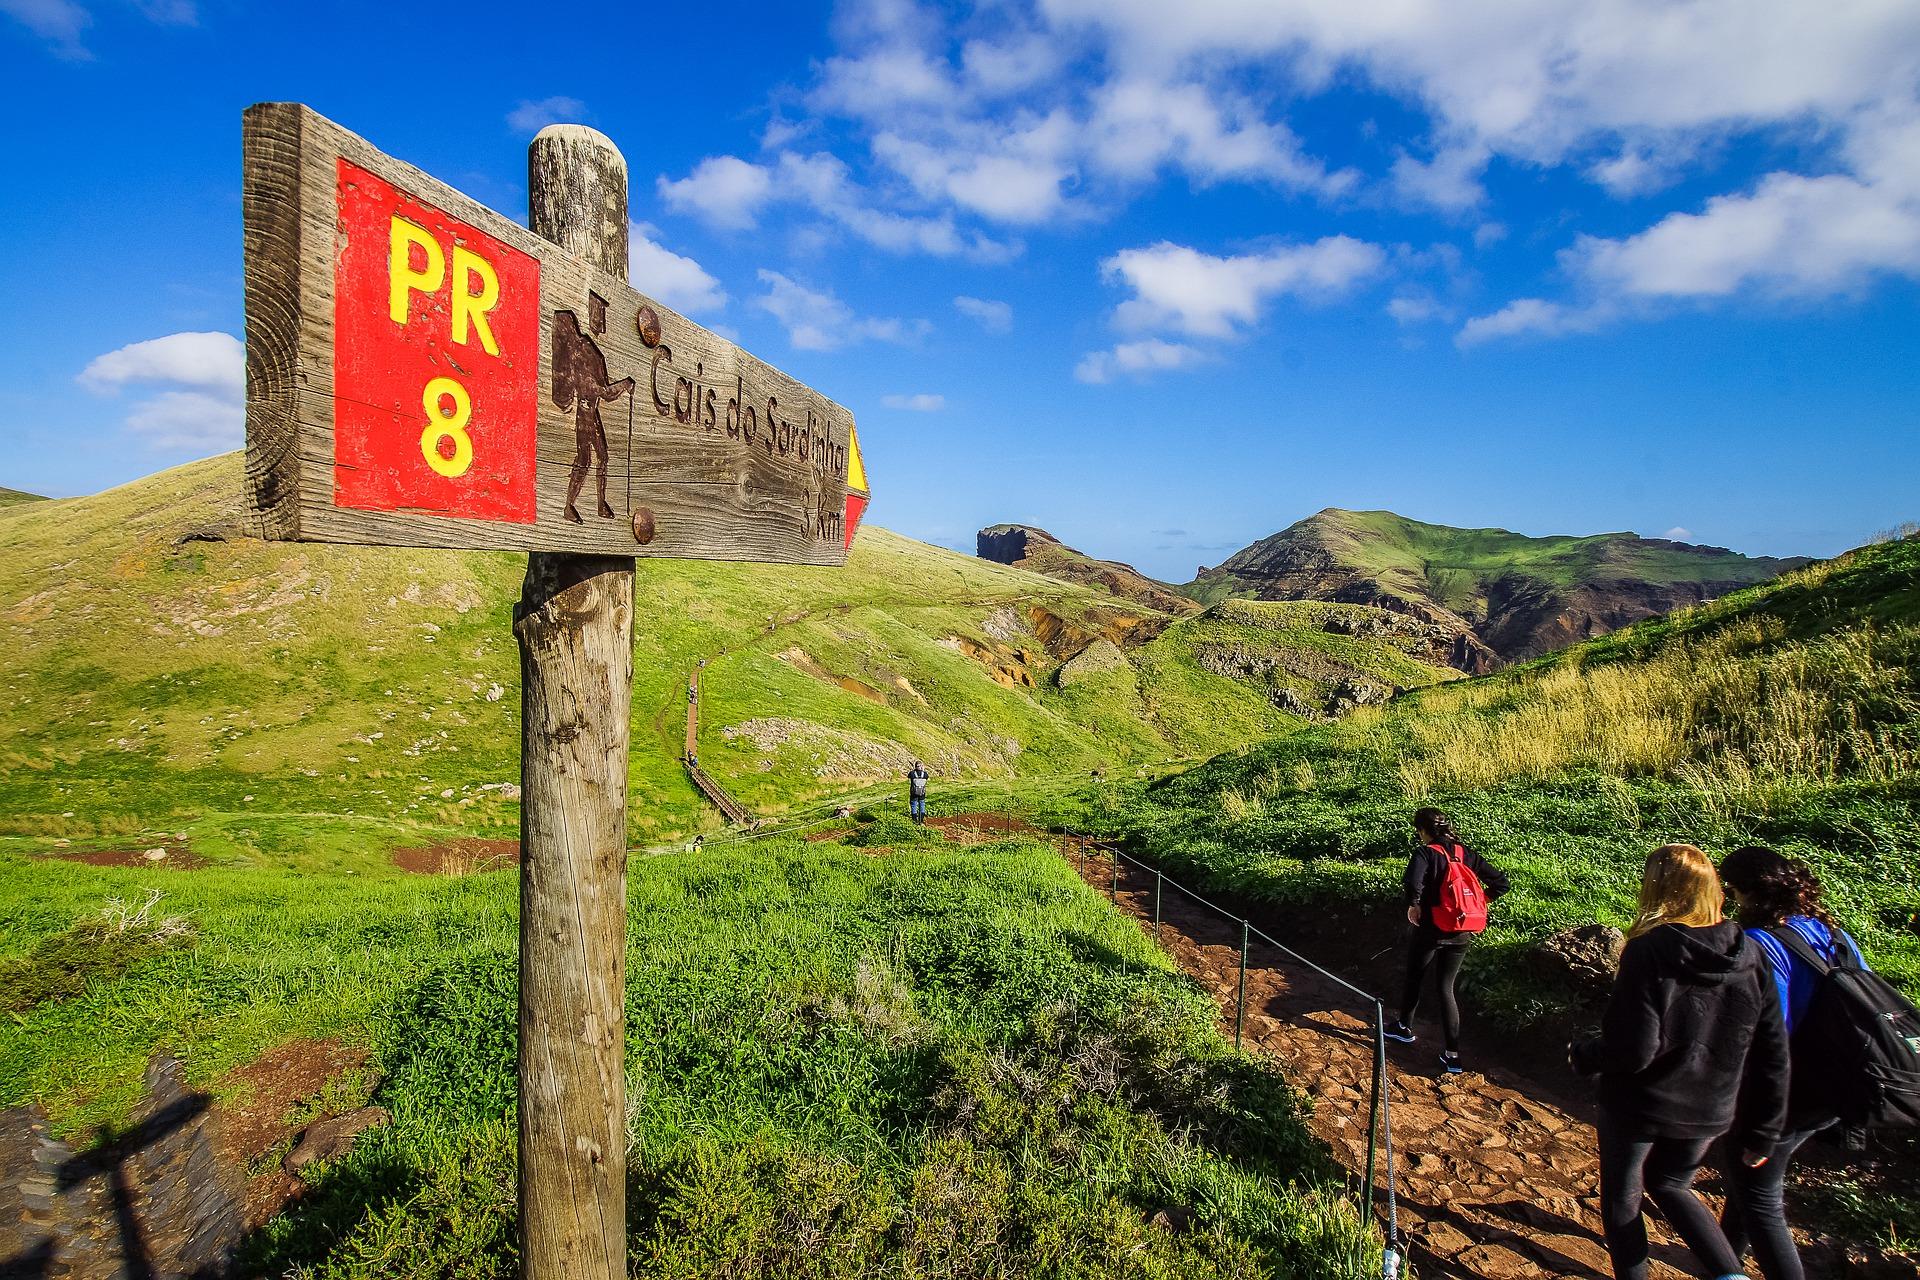 Trilhos Pedestres Madeira